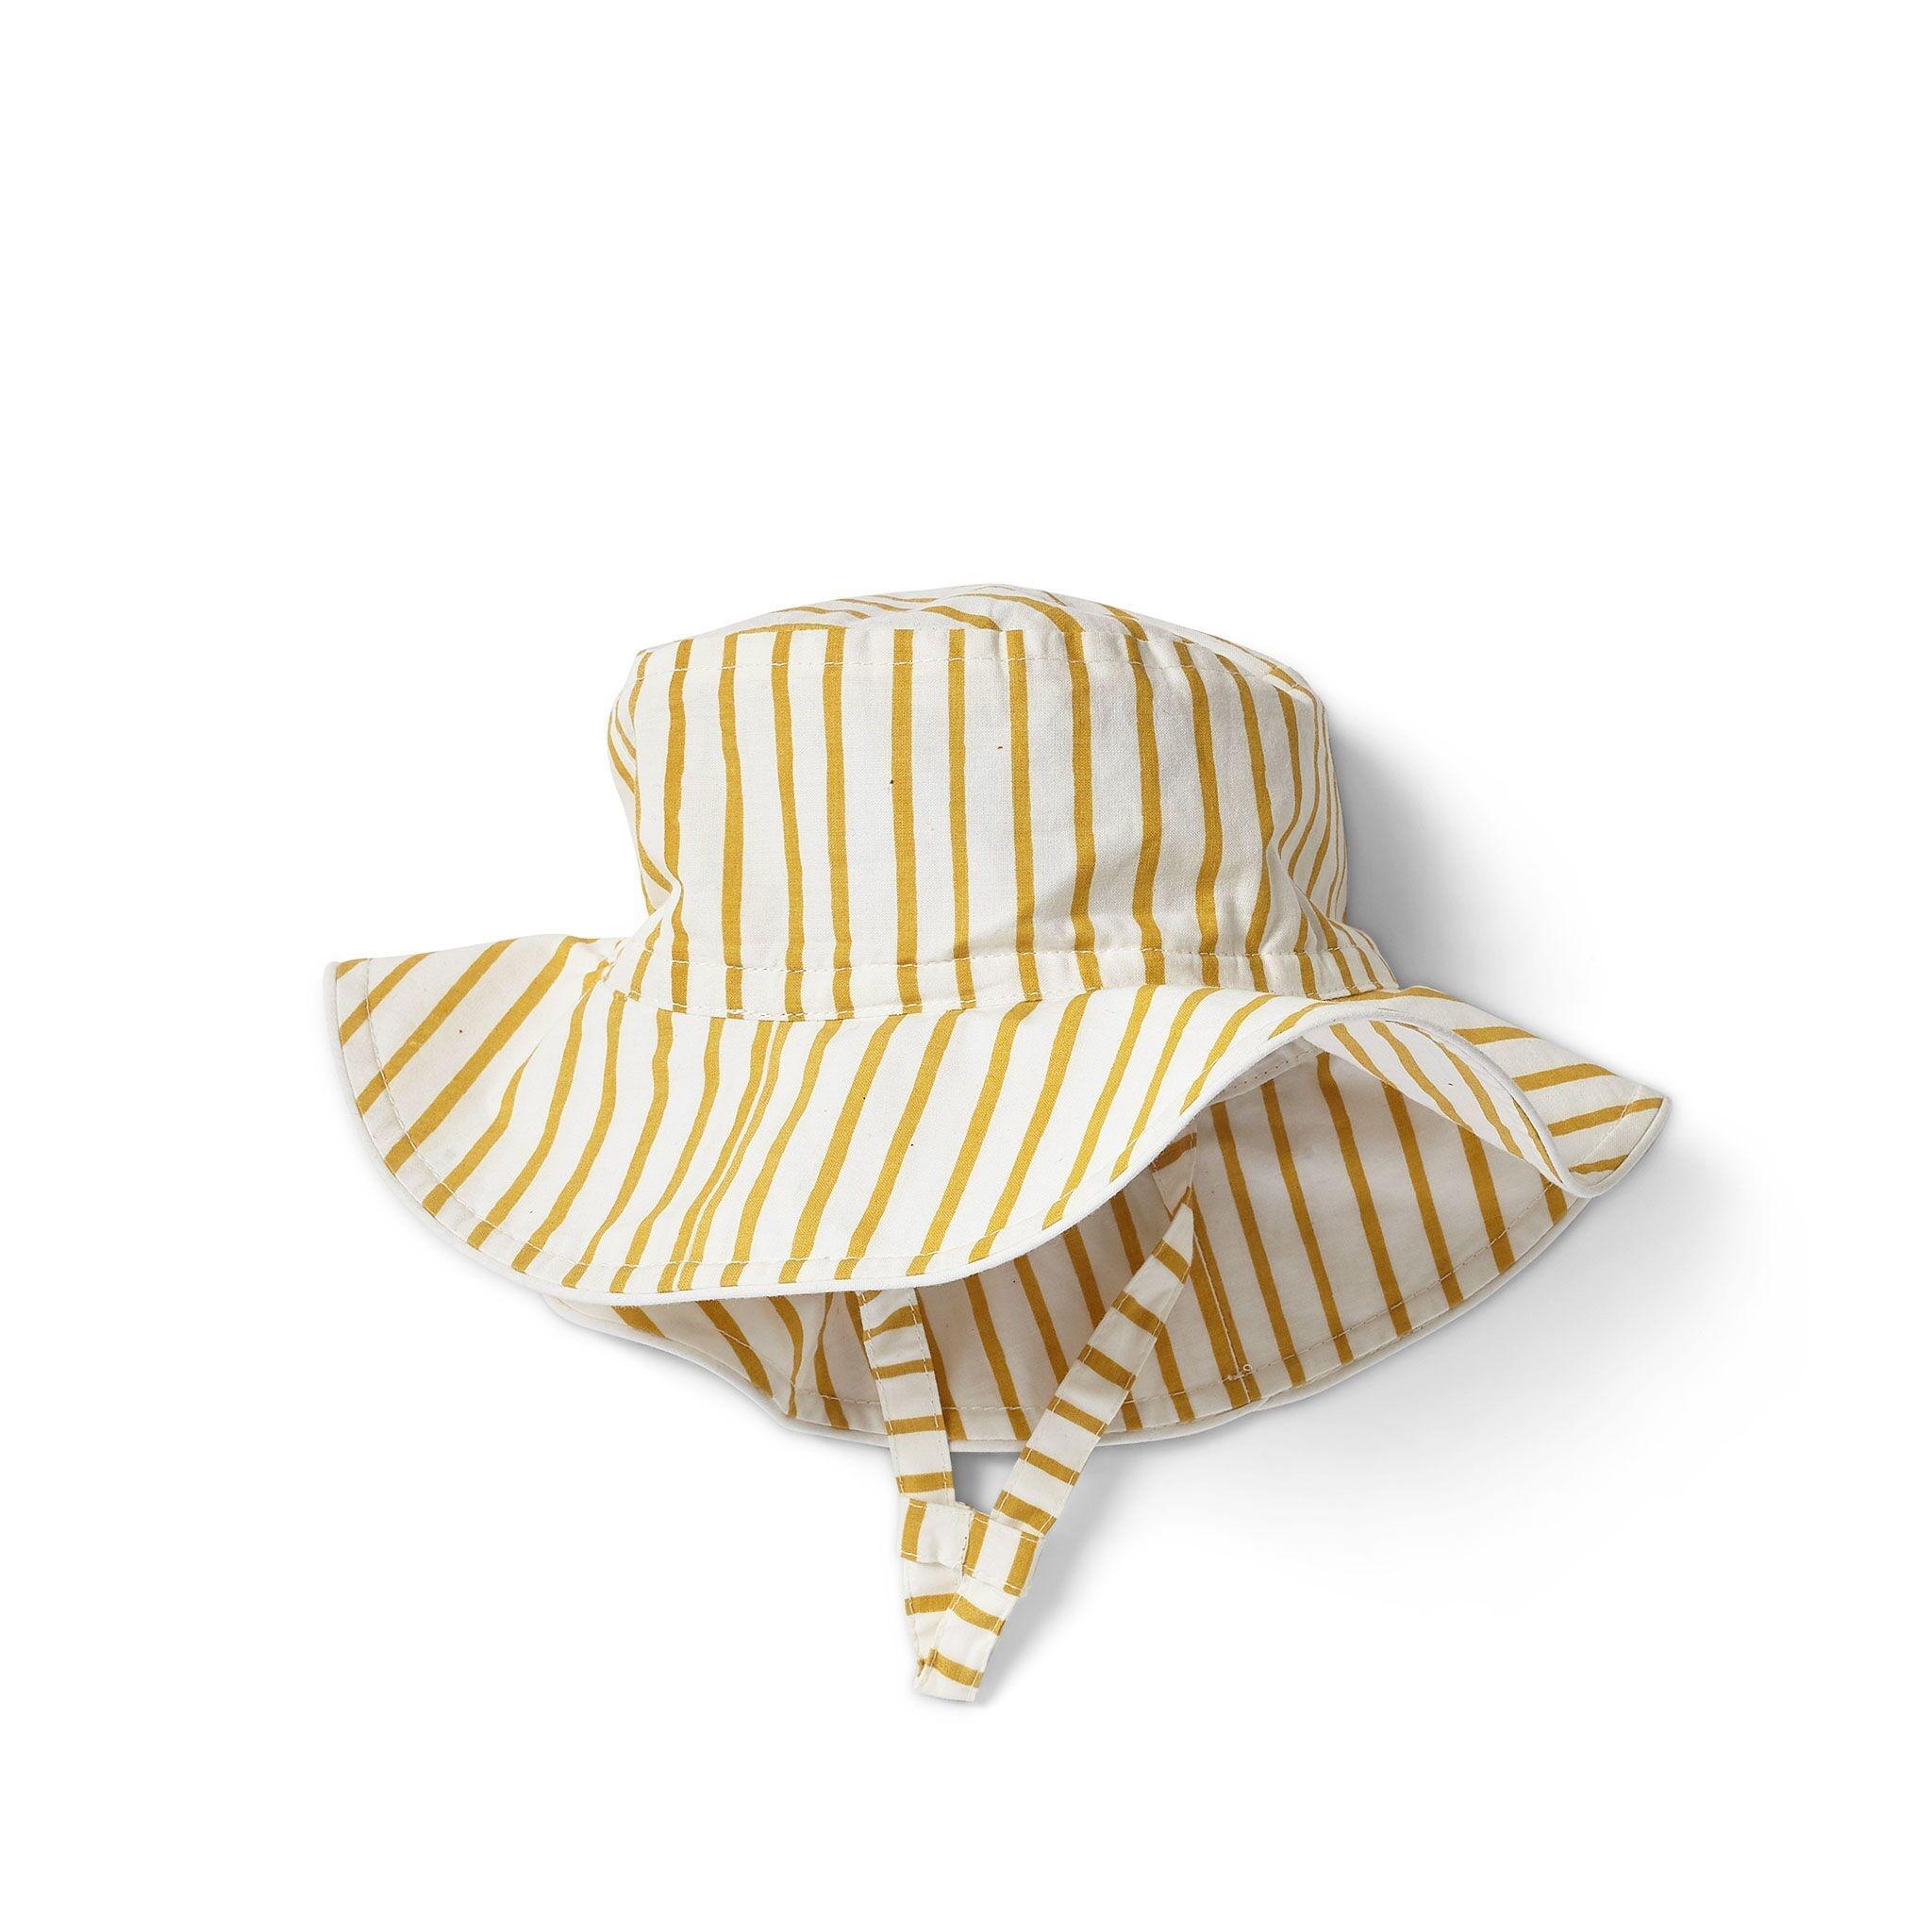 d0c1e87338073 Striped Bucket Hat - Boutique Vestibule - Boutique Vestibule